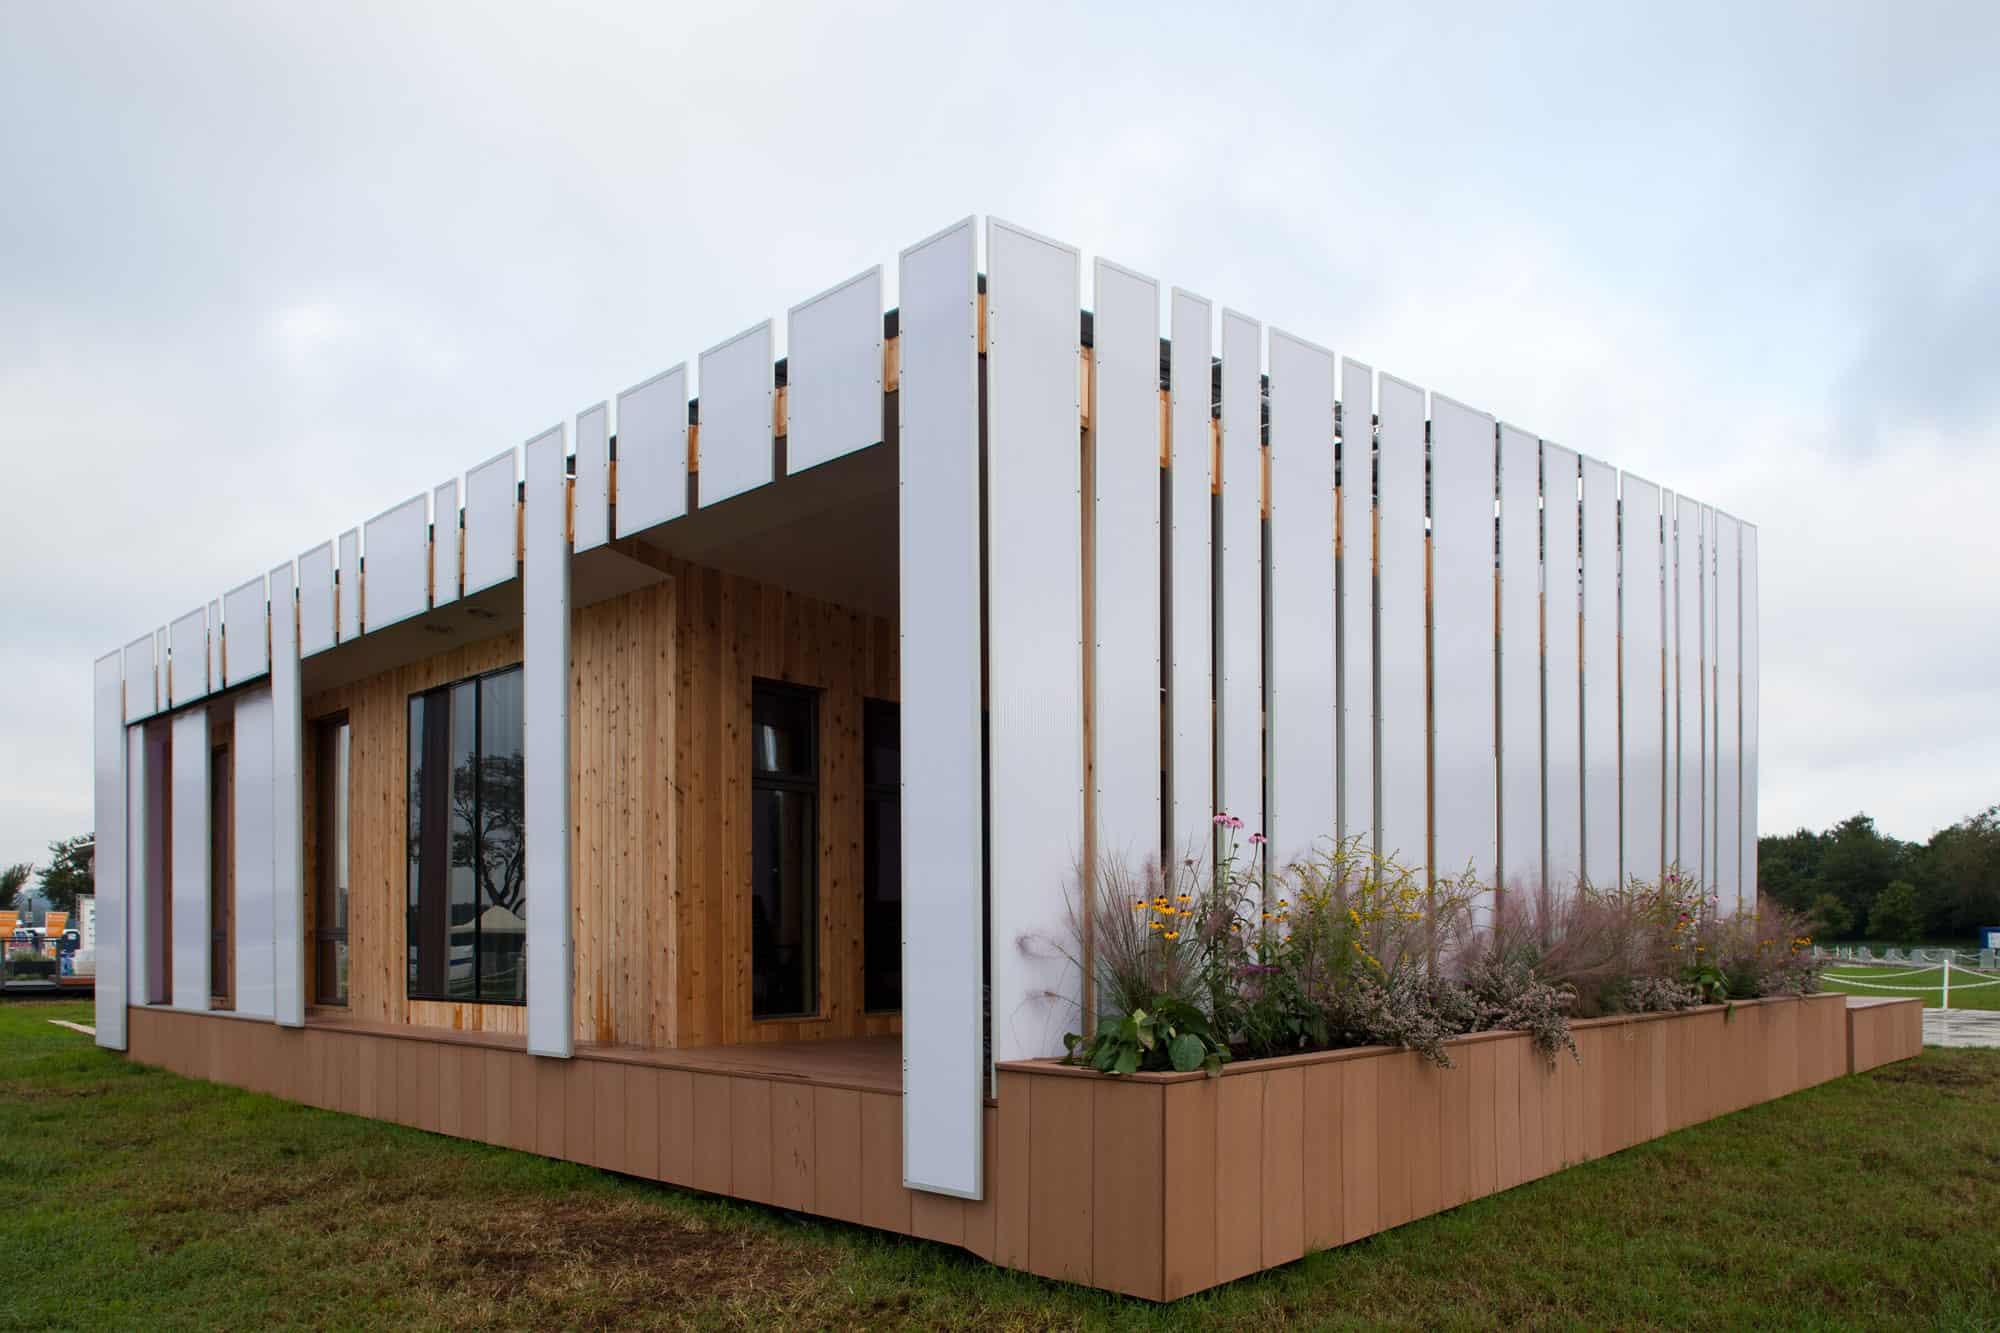 Solar Decathlon 2011 – 19 Zero Energy Homes – Part 3/4